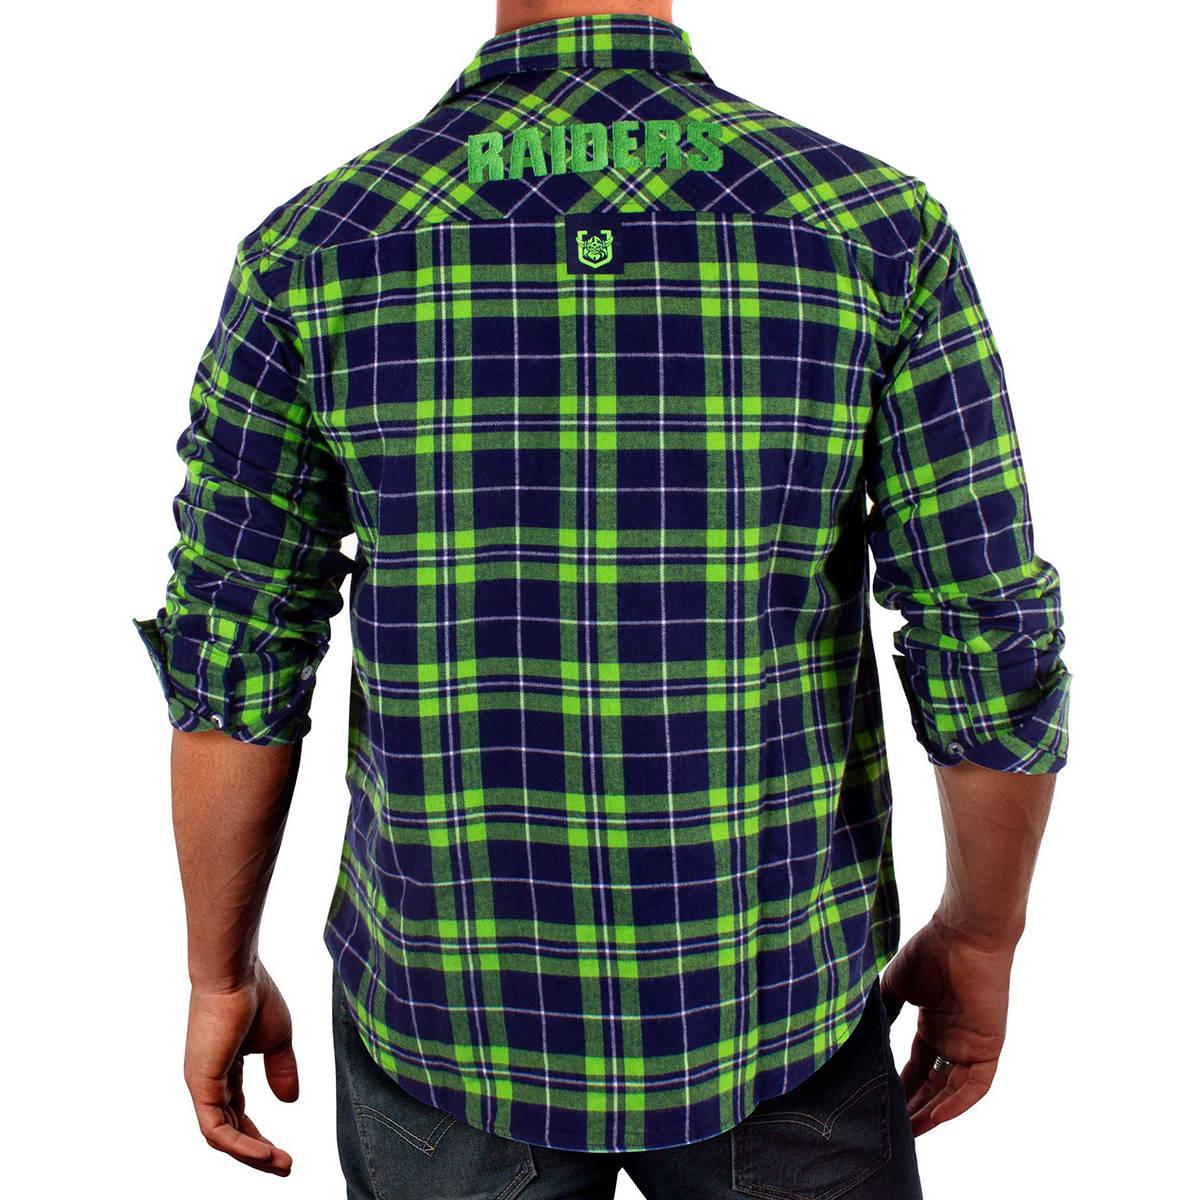 NRL Raiders Flannel Shirt1